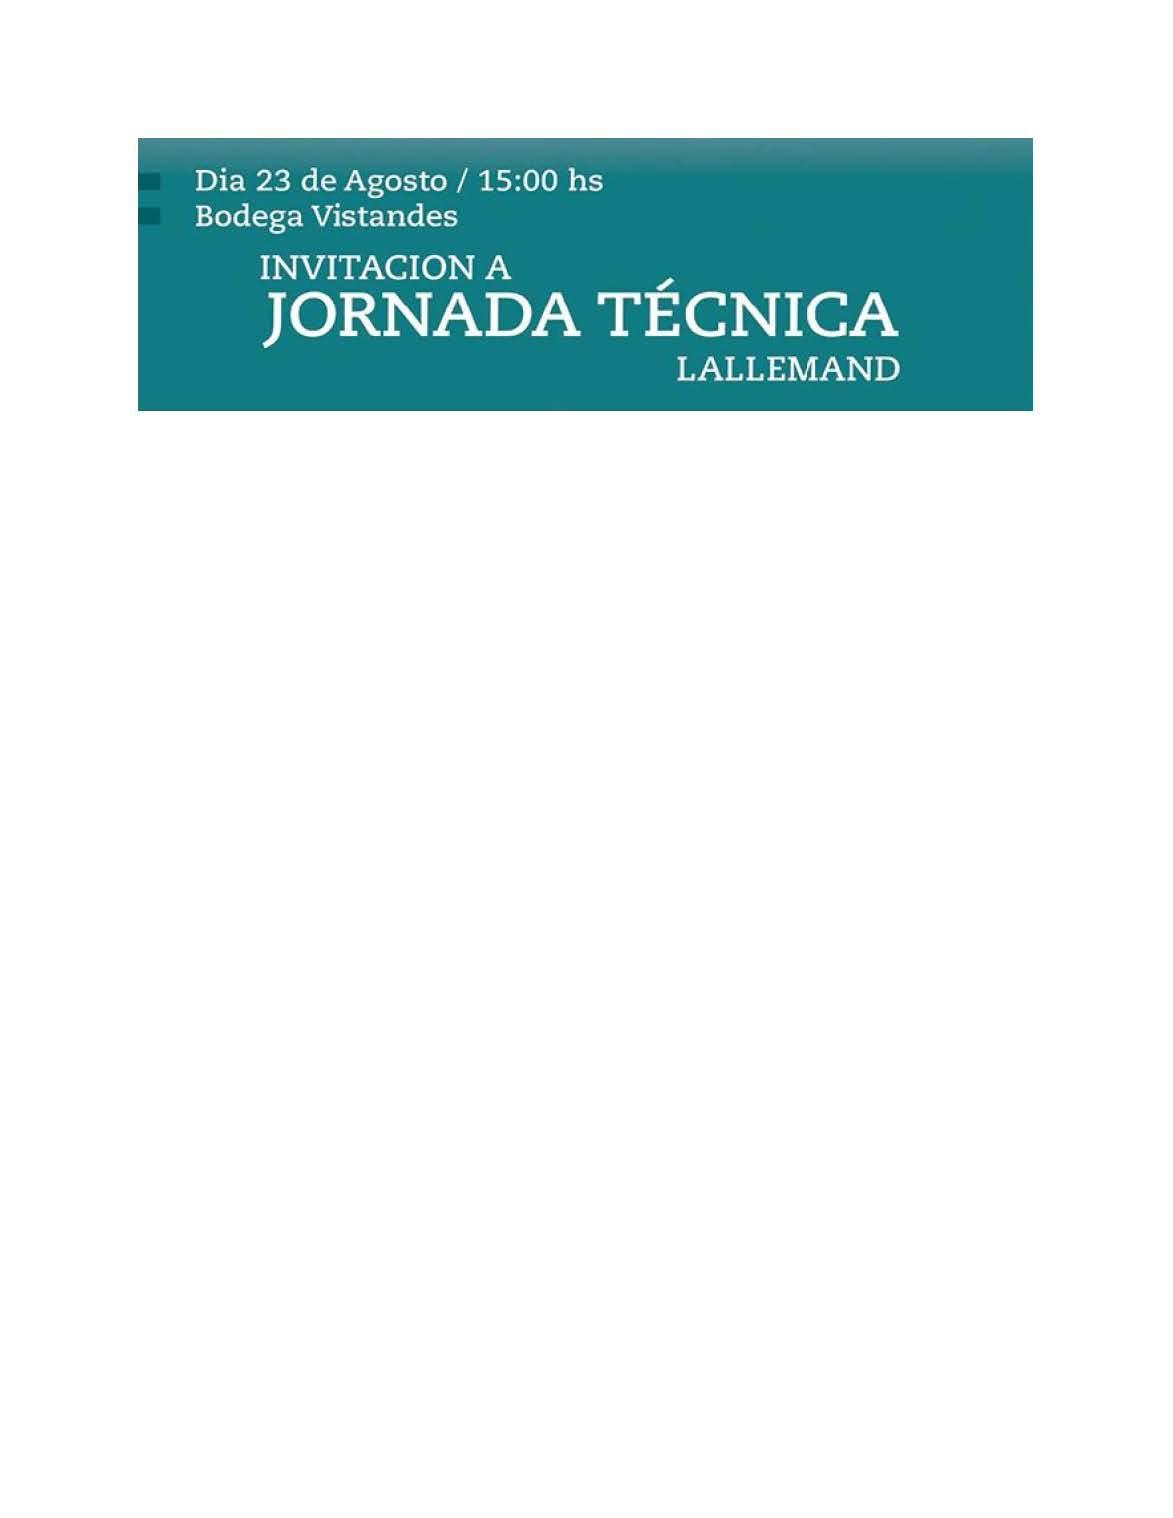 JORNADA TECNICA LALLEMAND EN BODEGA VISTANDES